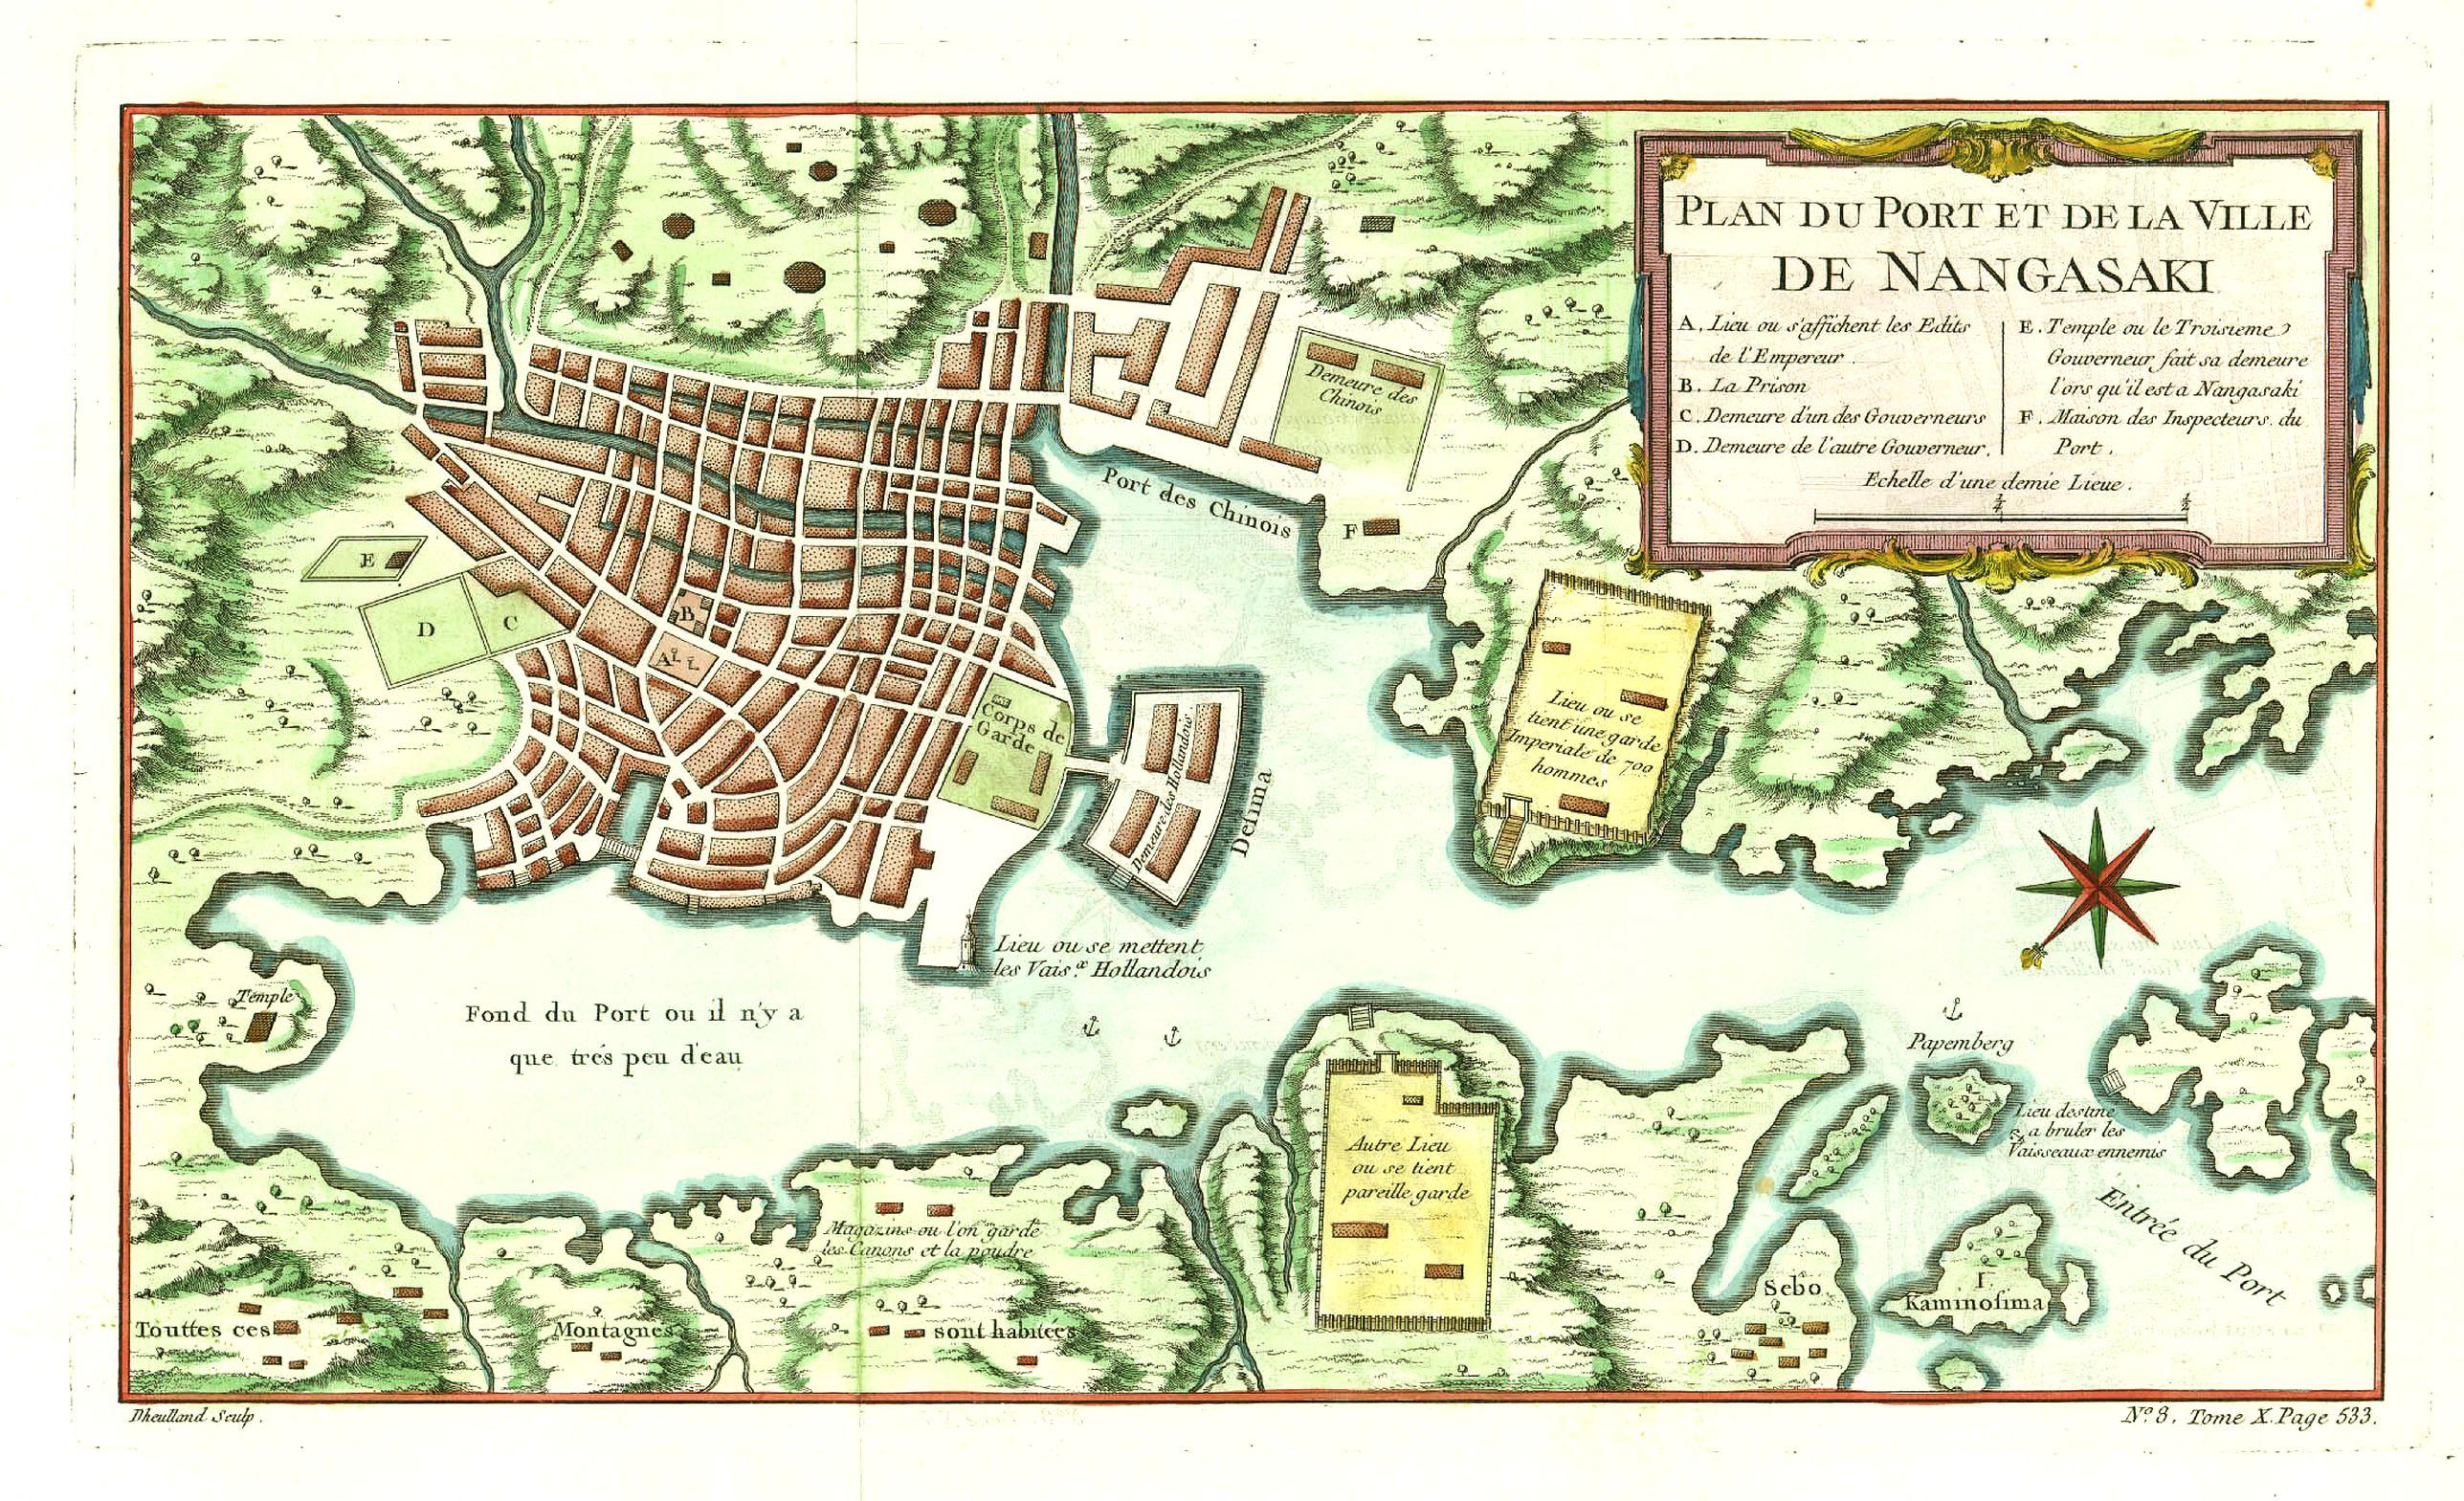 BELLIN, J.N. -  Plan du Port et de la Ville de Nangasaki.